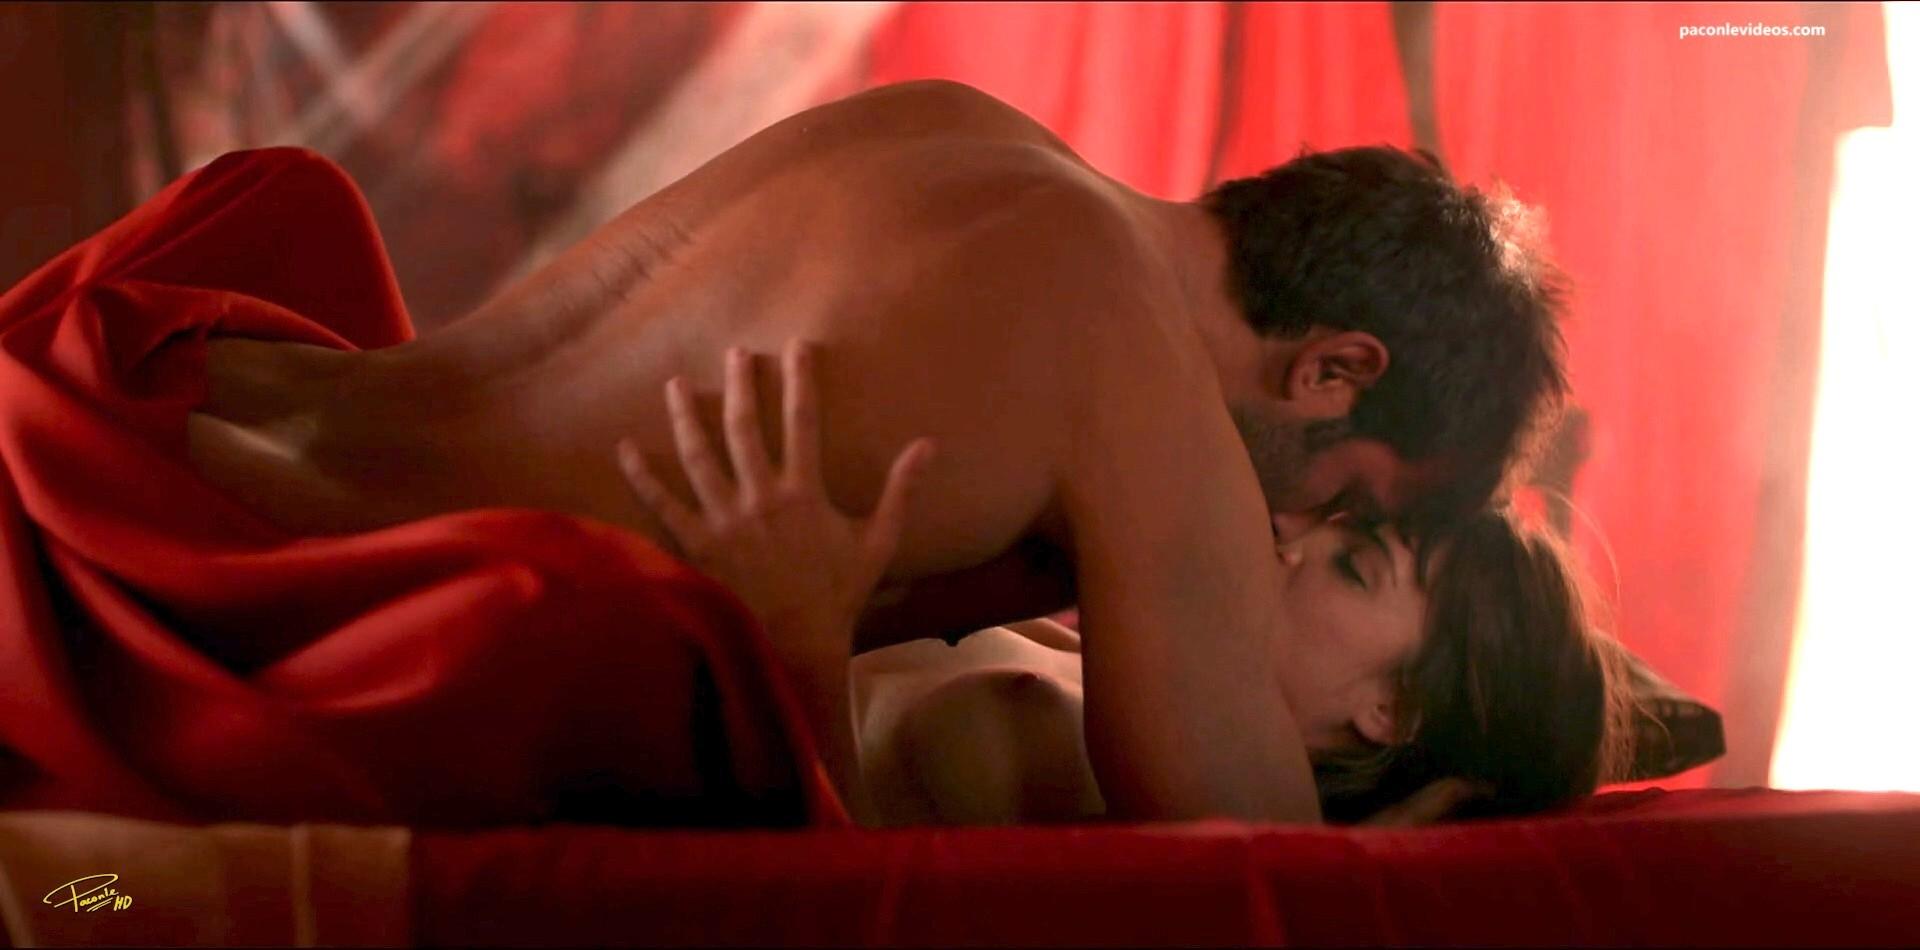 Andrea Duro Descuido andrea duro desnuda - fotos y vídeos - imperiodefamosas